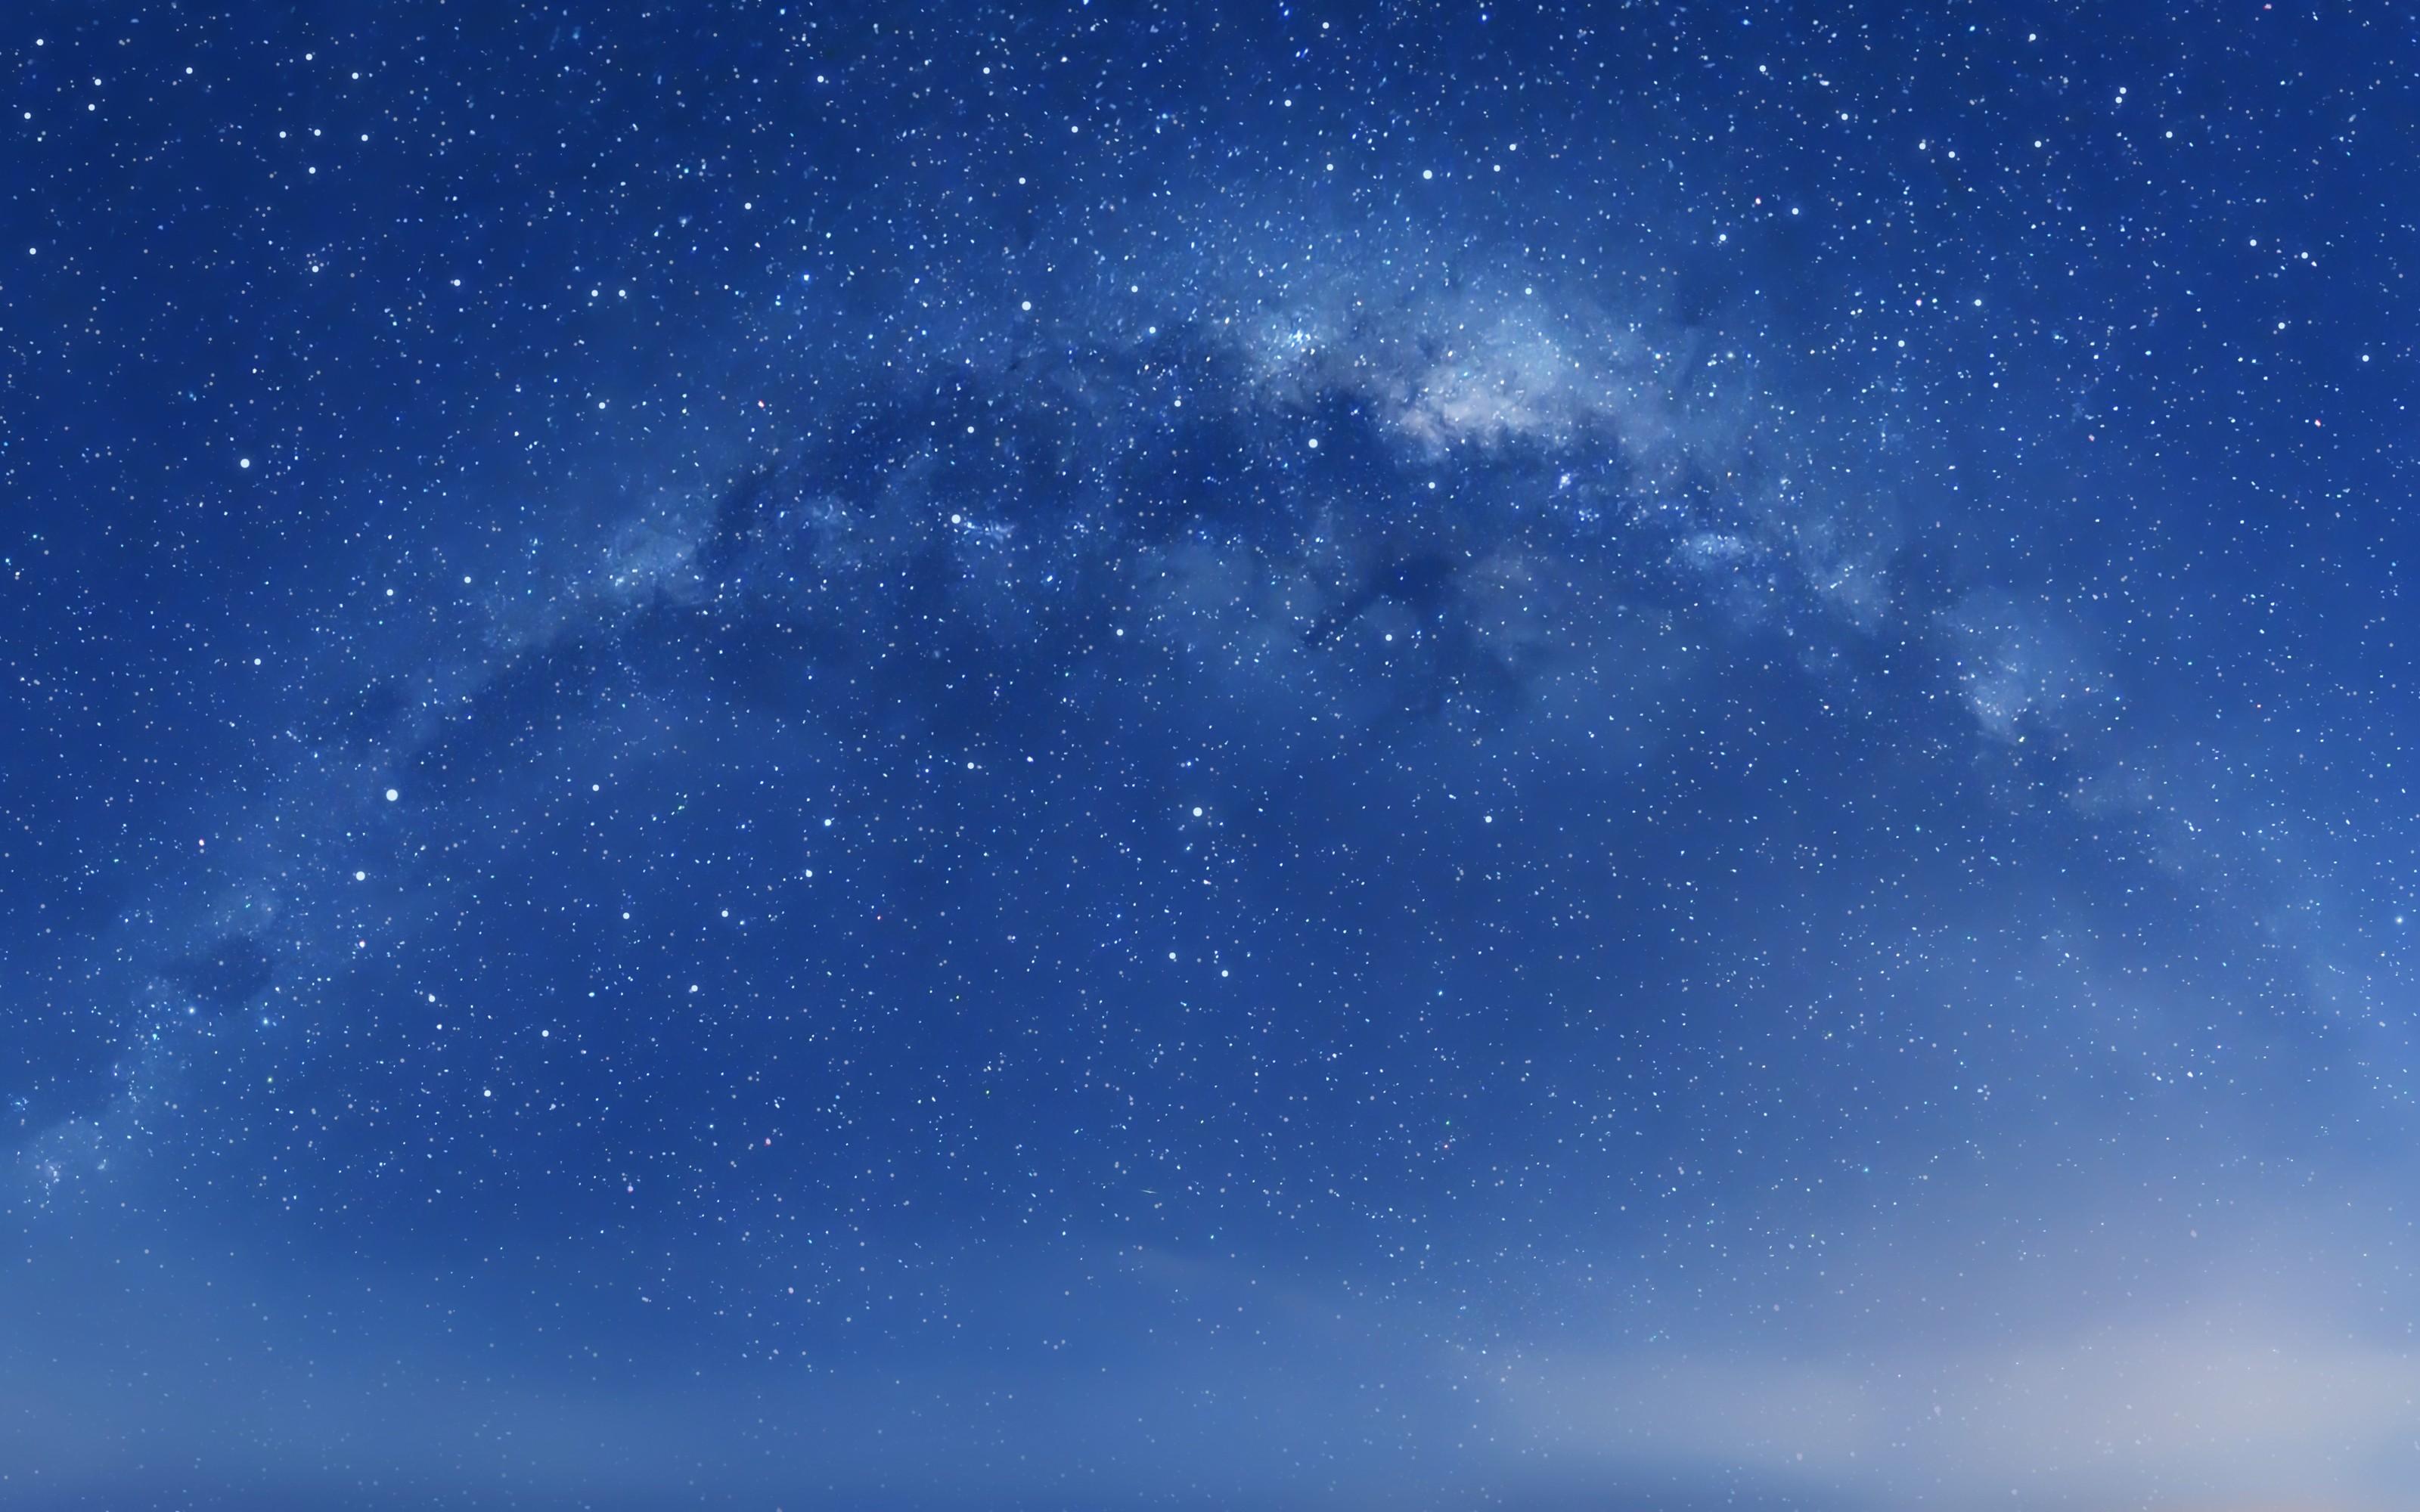 Cielo lleno de estrellas - 3200x2000